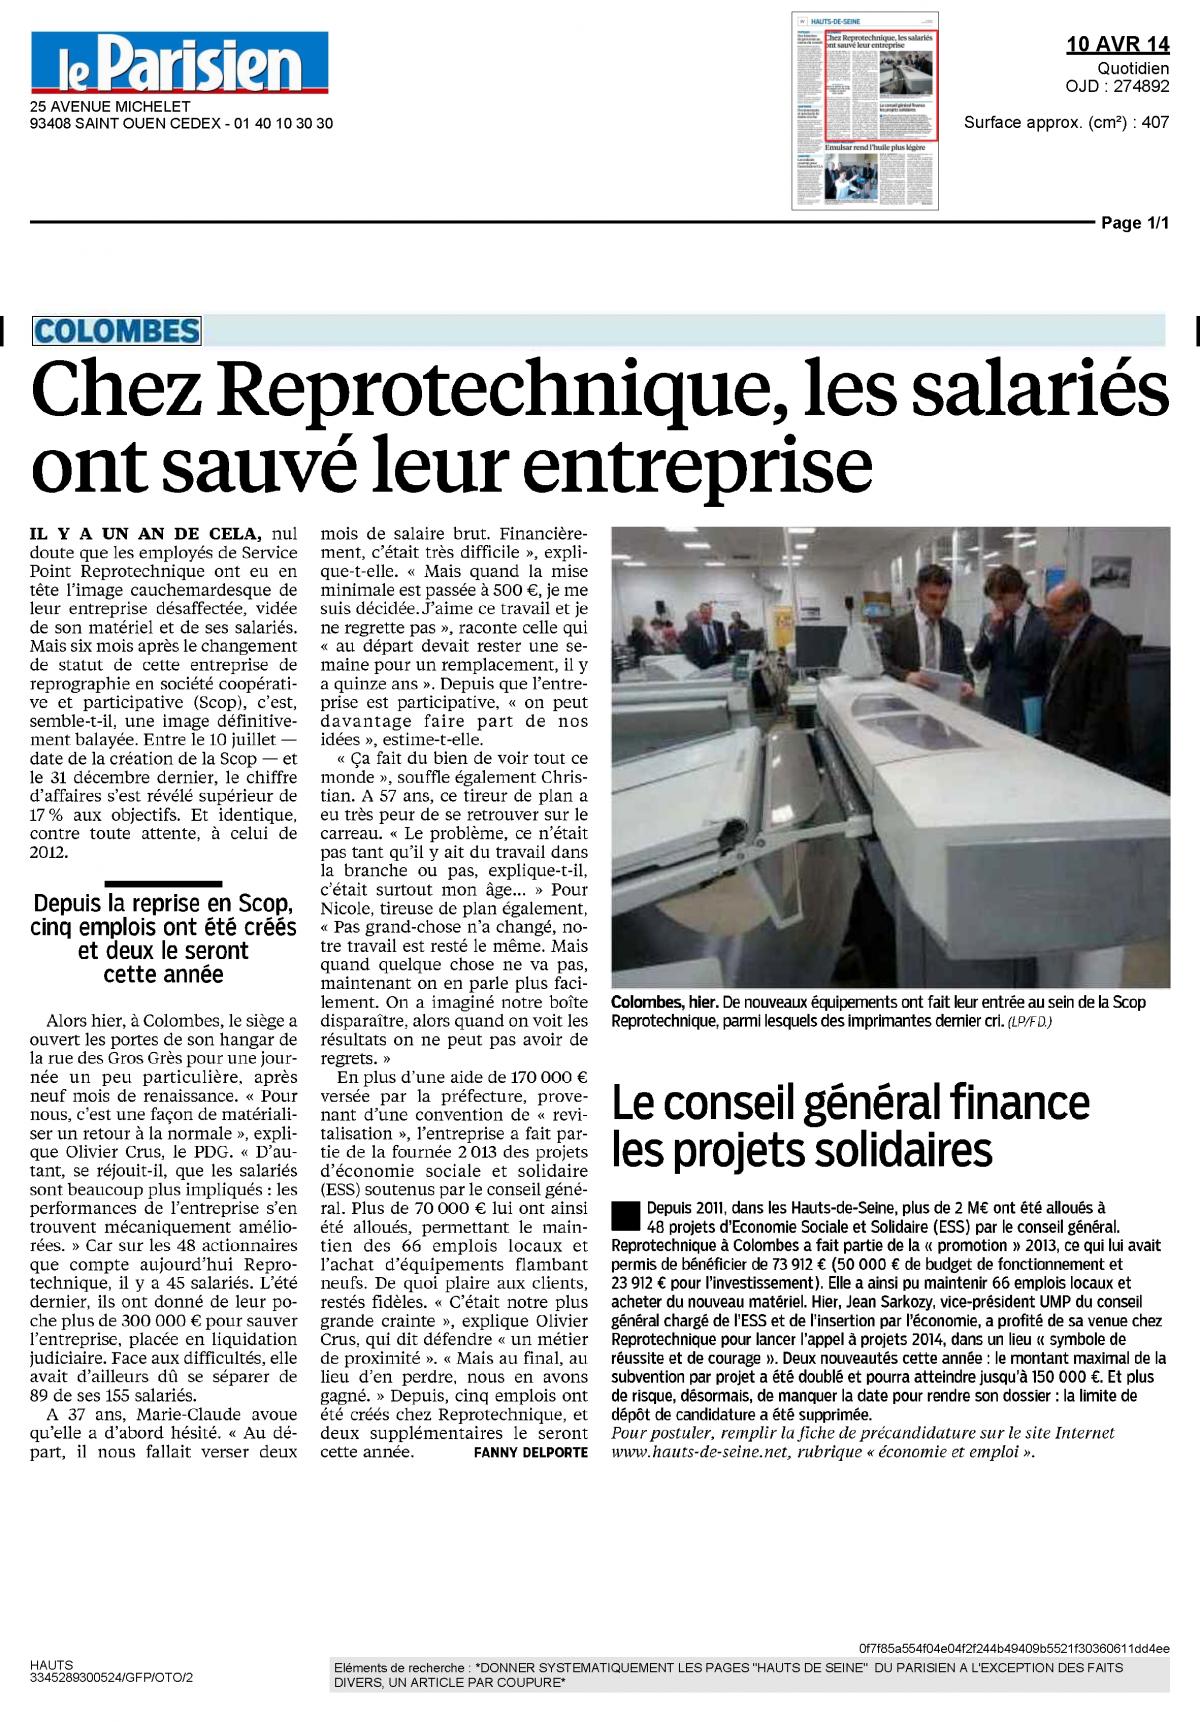 1. Le parisien 10 avril 2014